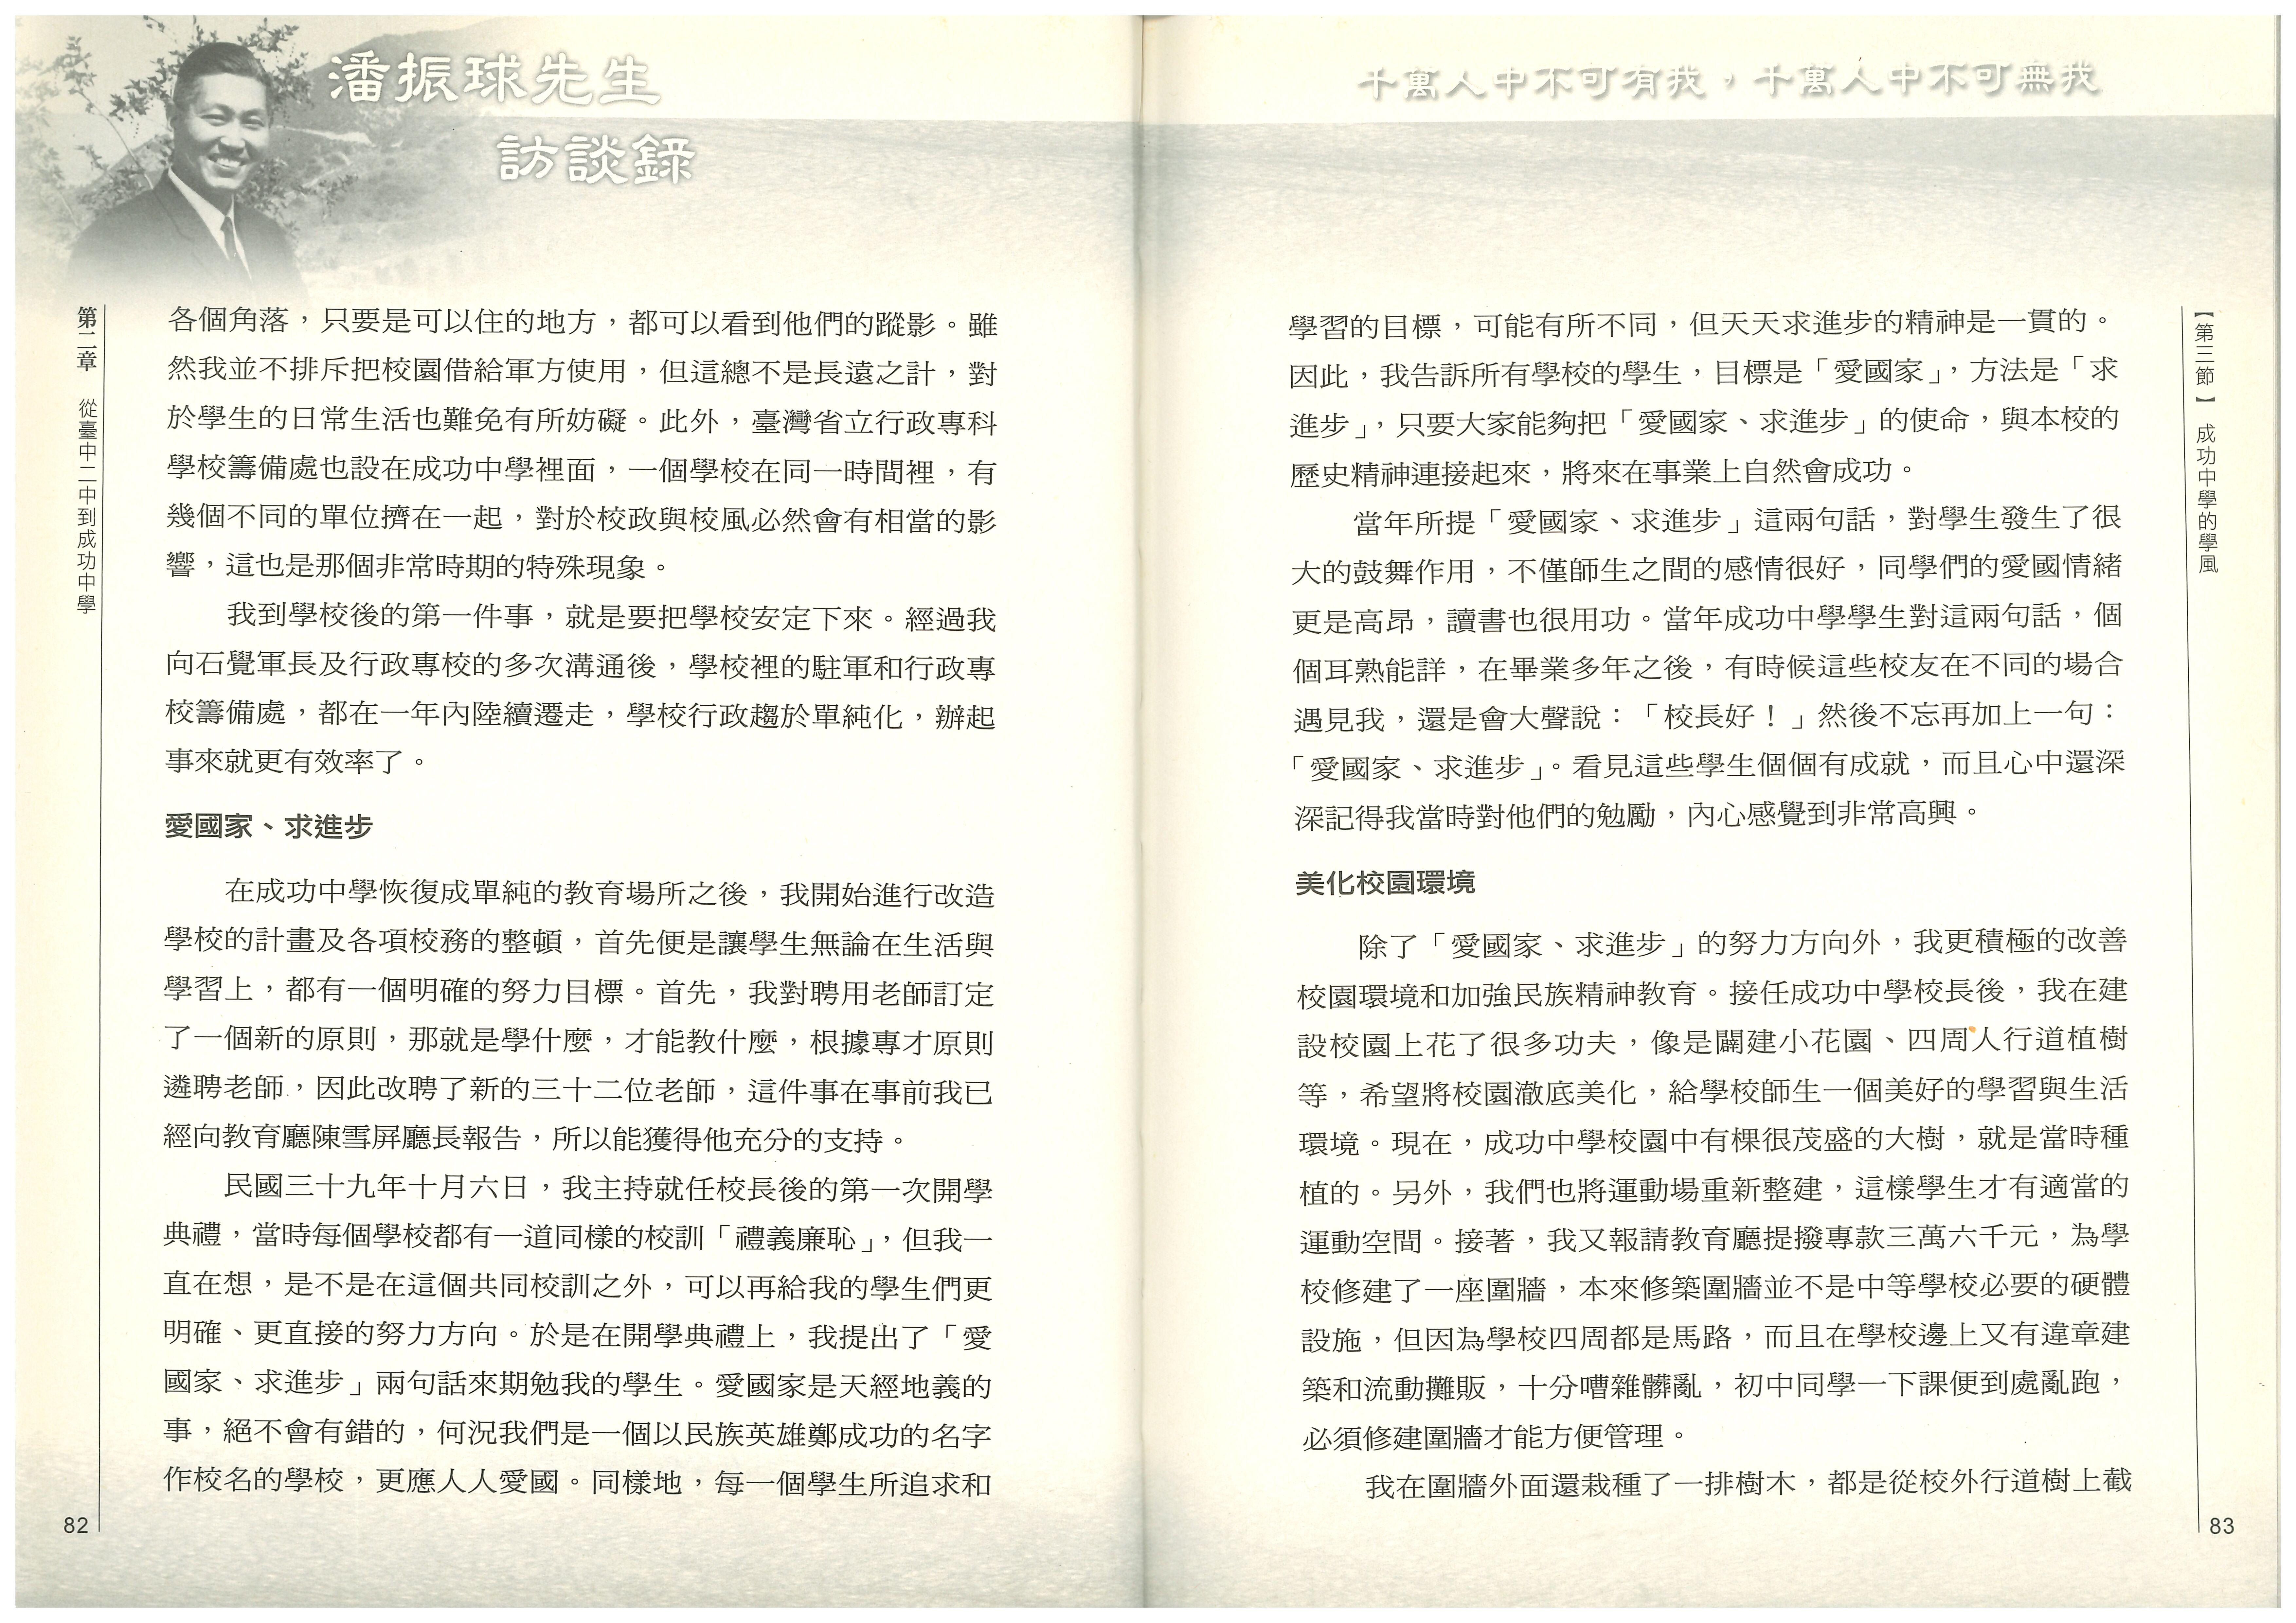 潘振球先生訪談錄p.82.83